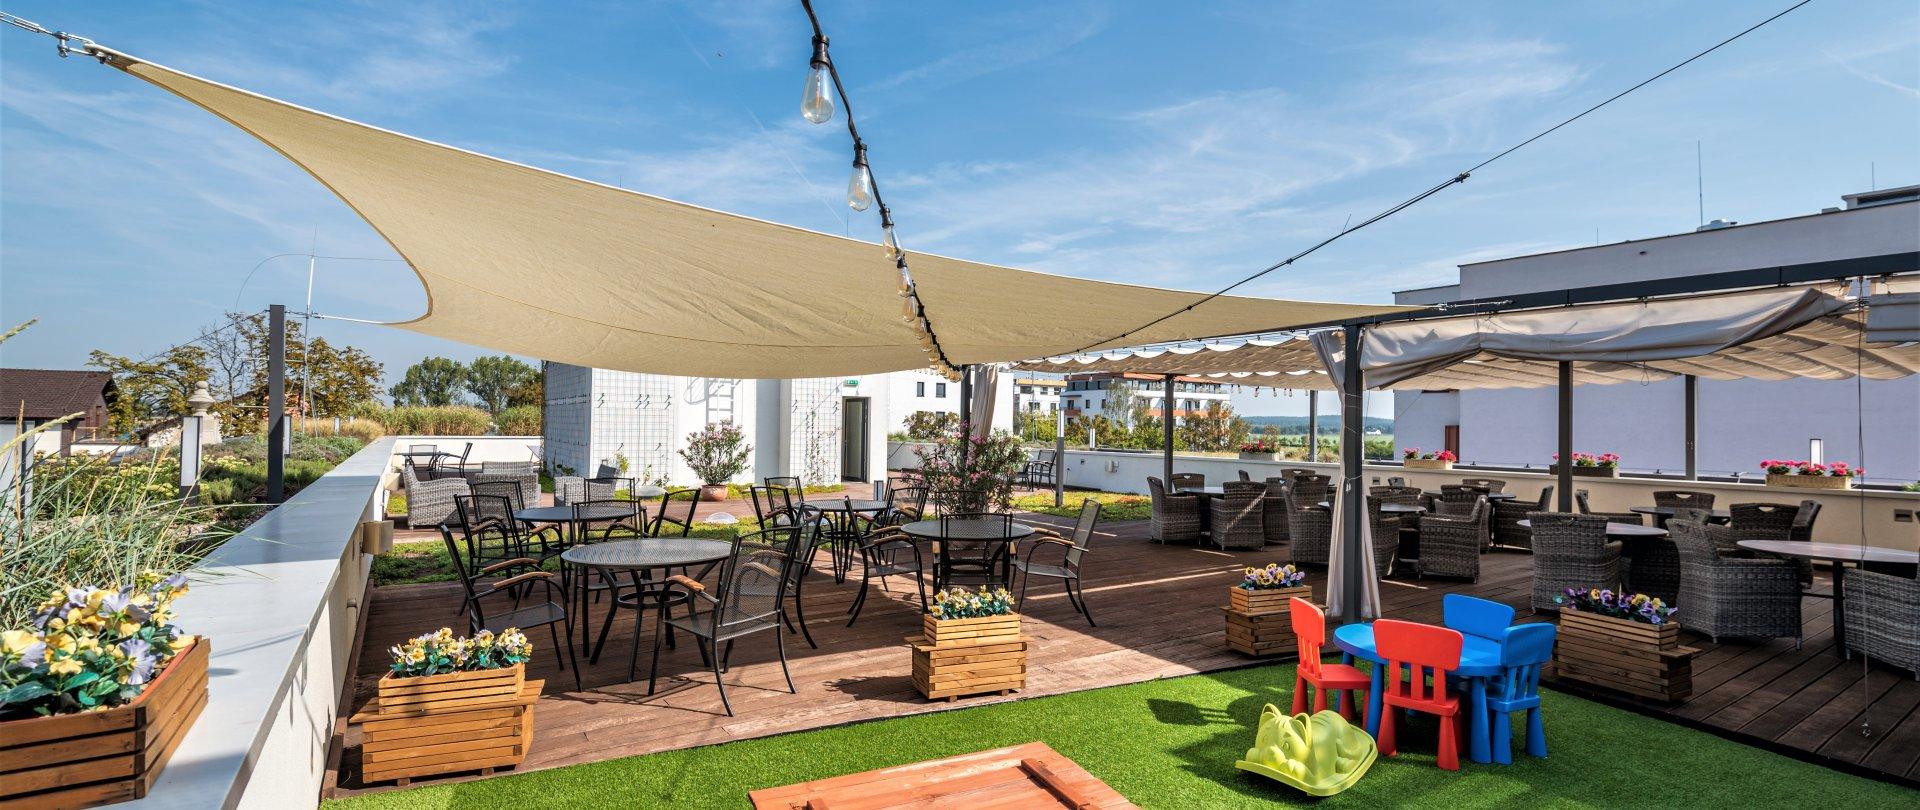 15 maja rozpoczynamy sezon na Tarasie na Dachu!